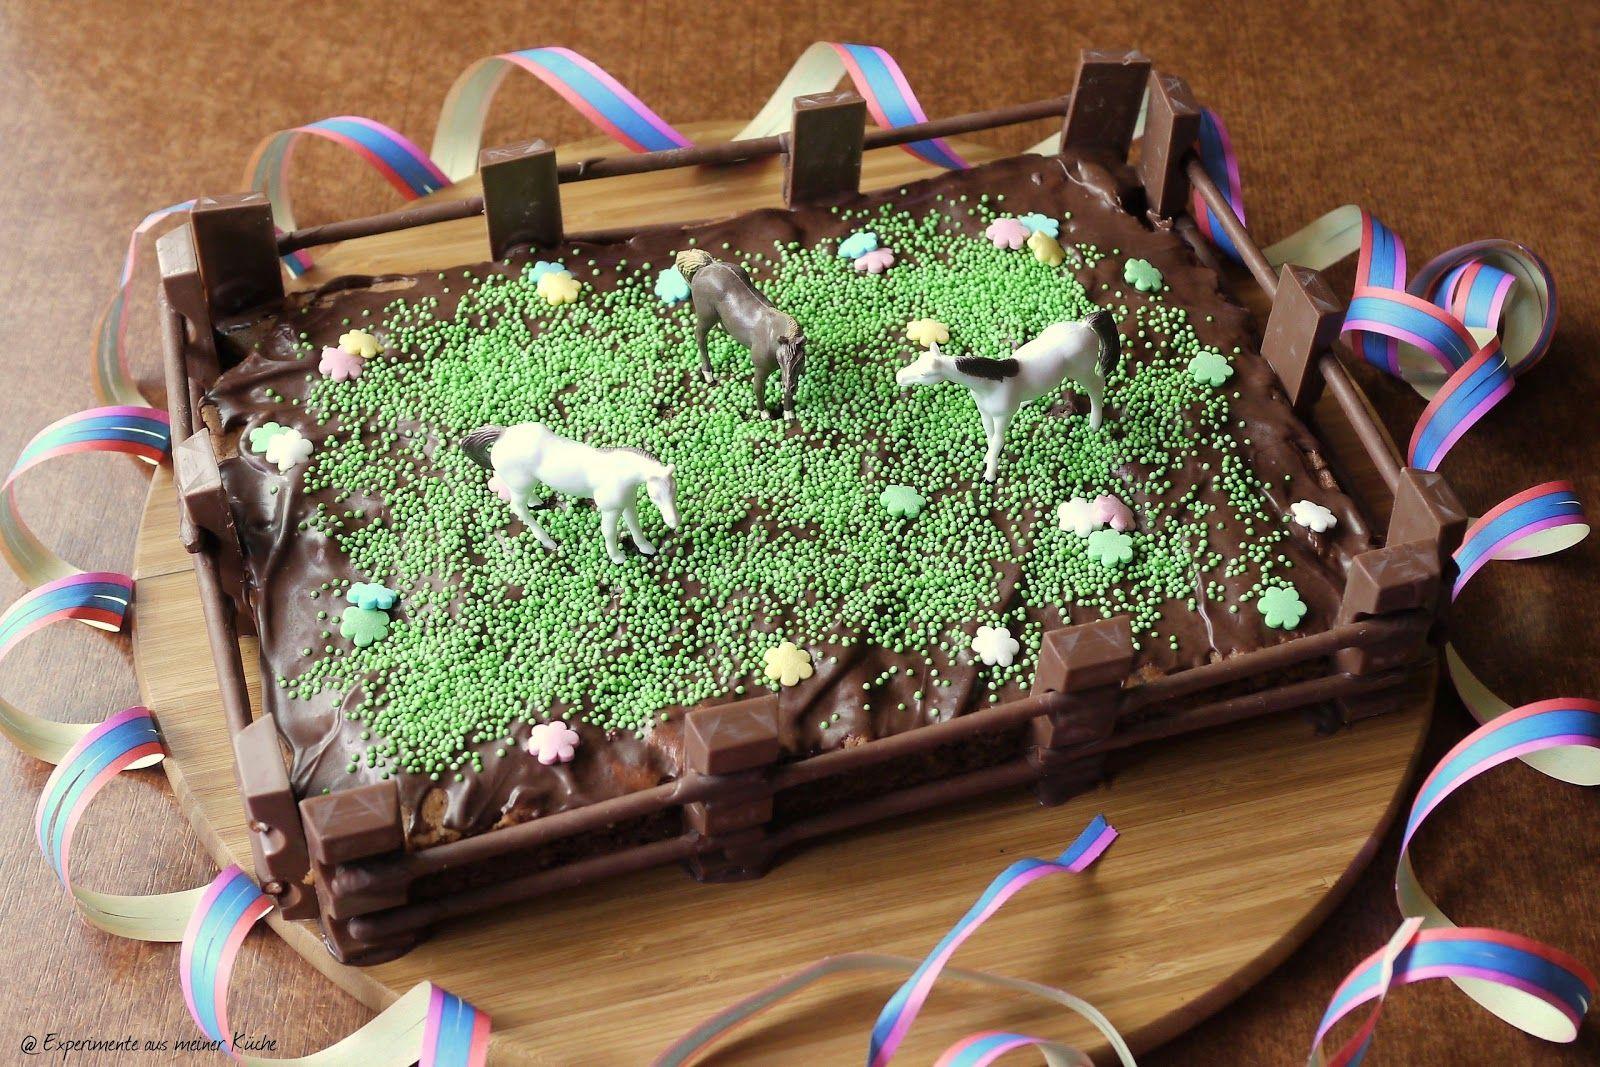 Kindergeburtstag (1) - Pferdemottoparty | Experimente aus meiner ...